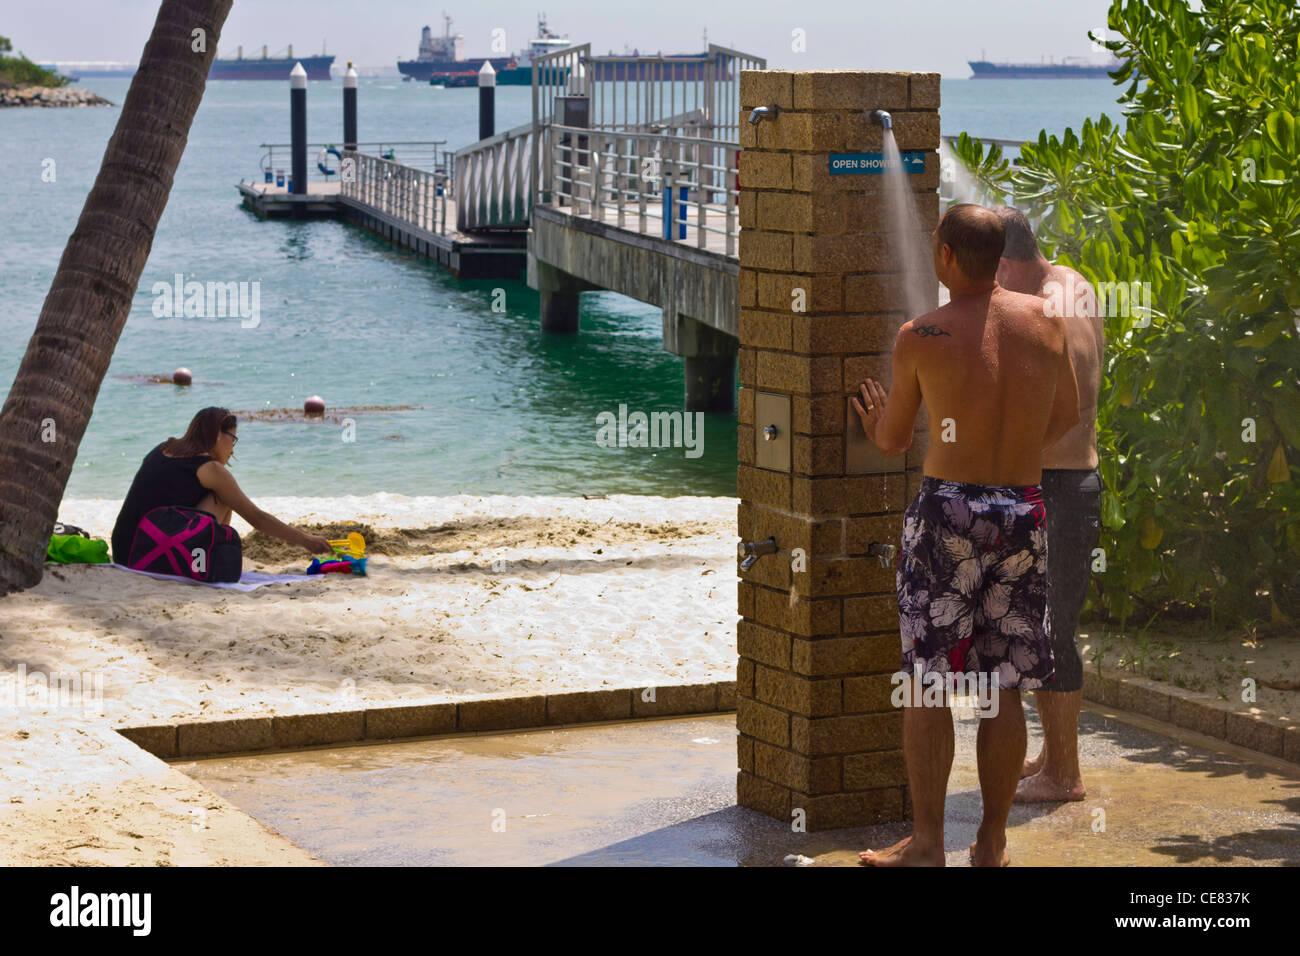 Deux hommes prendre douche sur la plage à l'île de Sentosa, Singapour. Photo Stock